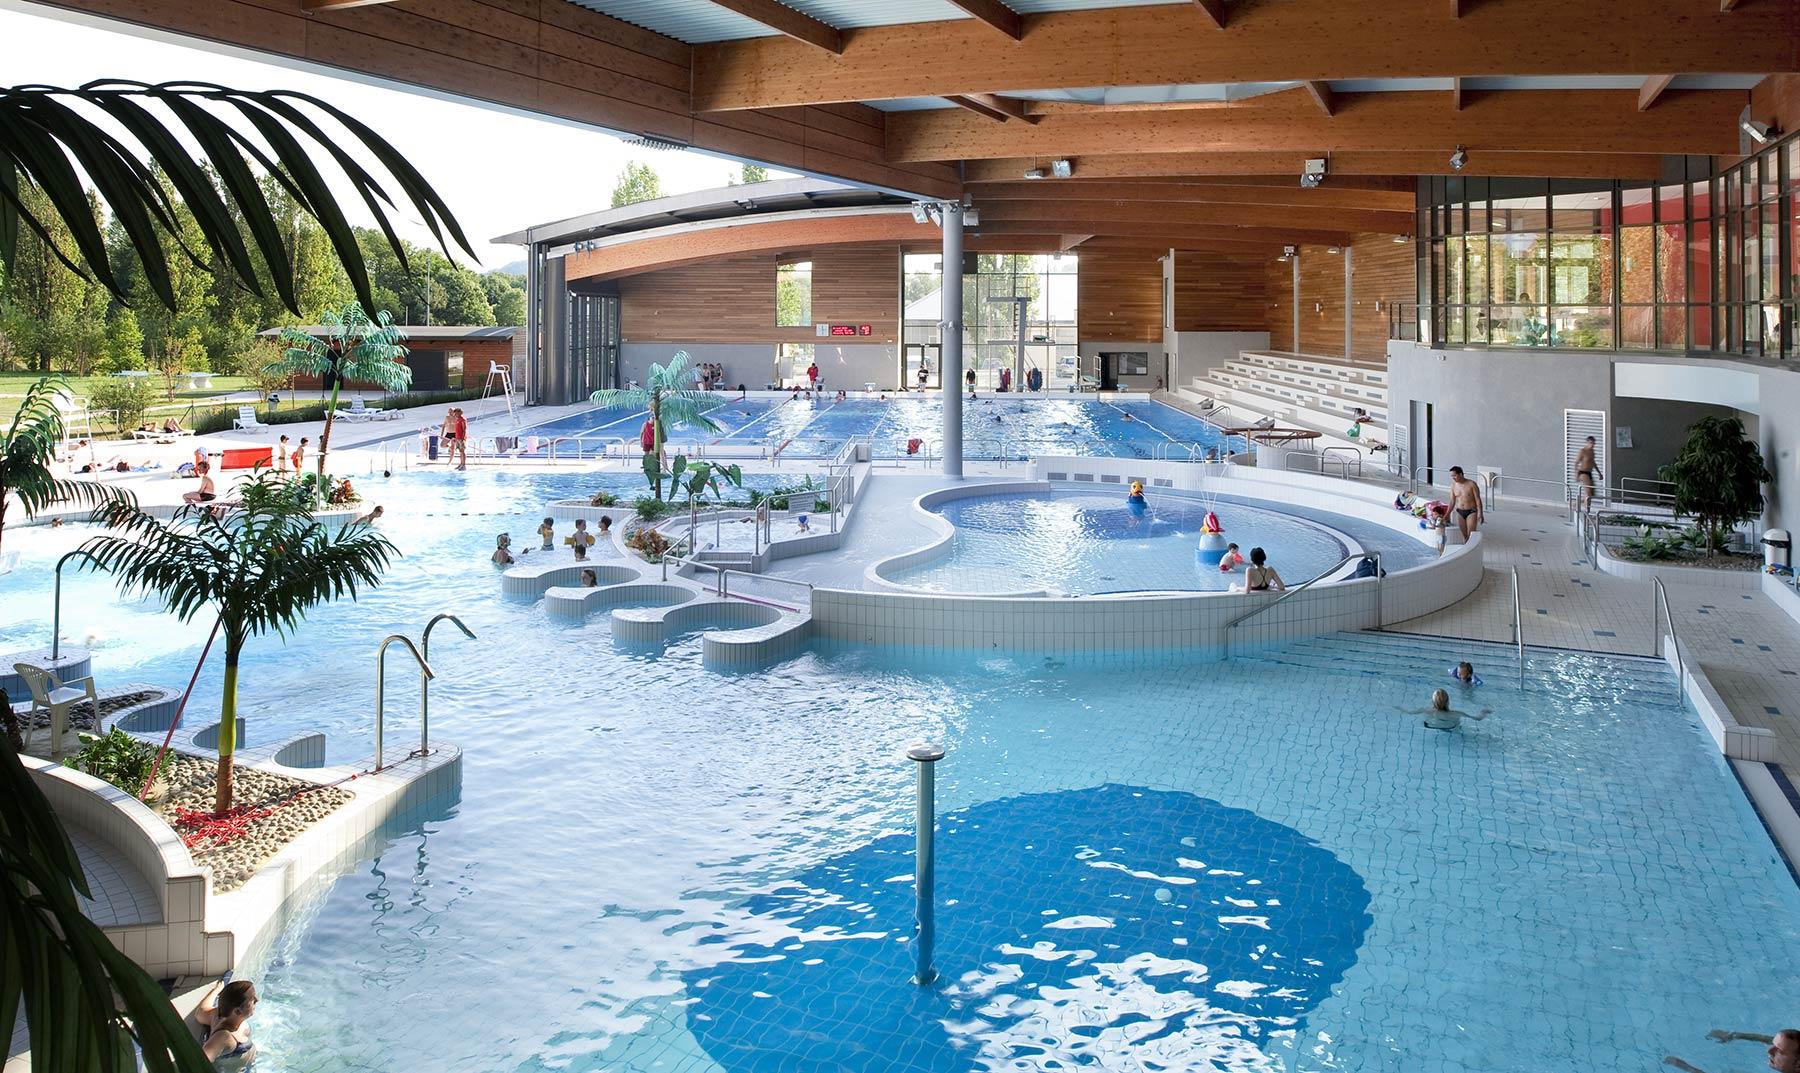 Centre Aquatique De Lons-Le-Saunier - Ap-Ma Architecture tout Piscine Lons Le Saunier